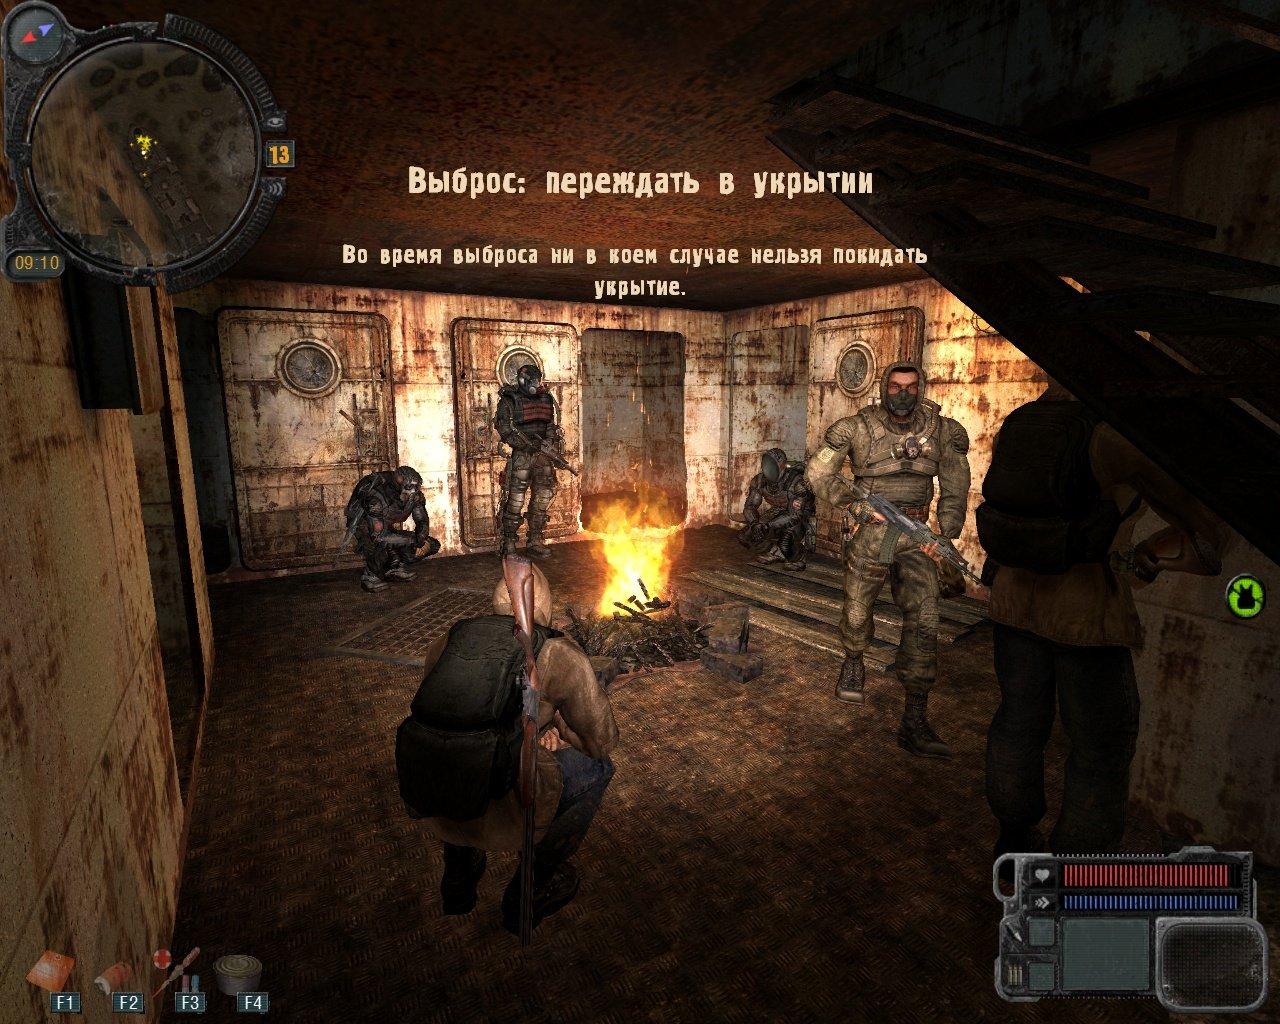 Как сделать повелитель зоны на тень чернобыля7